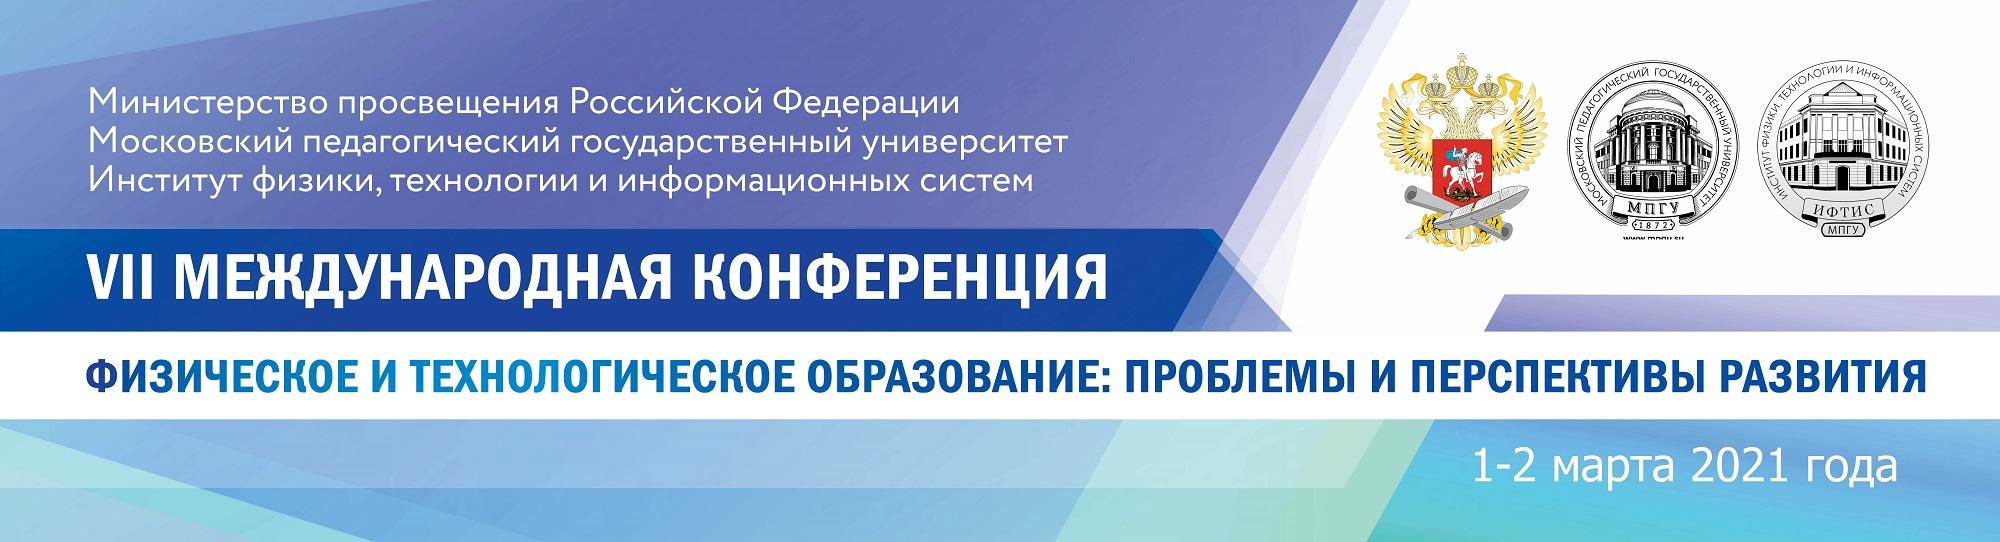 Banner-konf-Fizicheskoe-obrazovanie